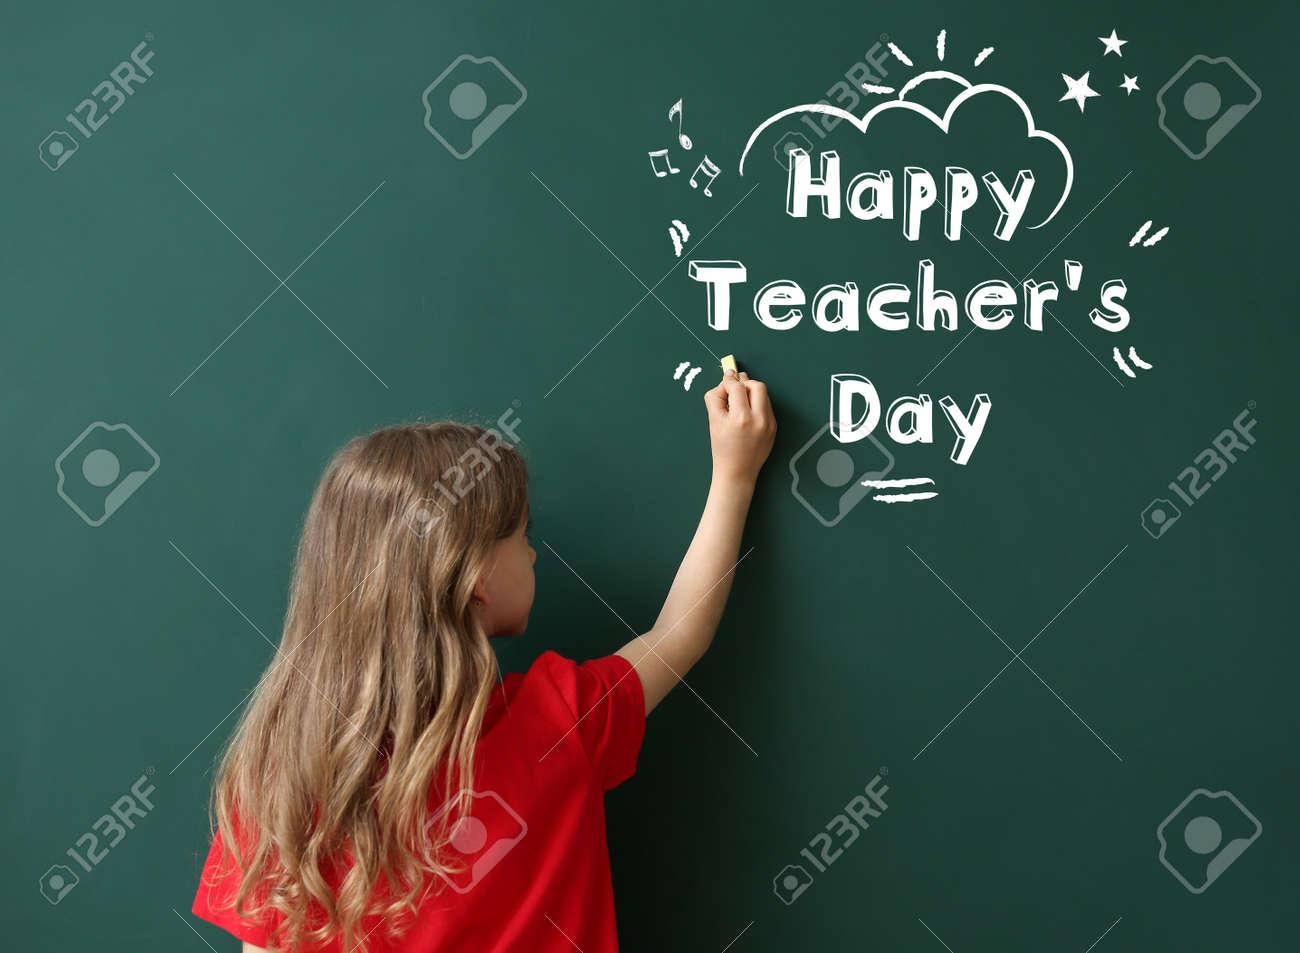 Cute little schoolgirl writing text HAPPY TEACHER'S DAY on blackboard in classroom - 166076604